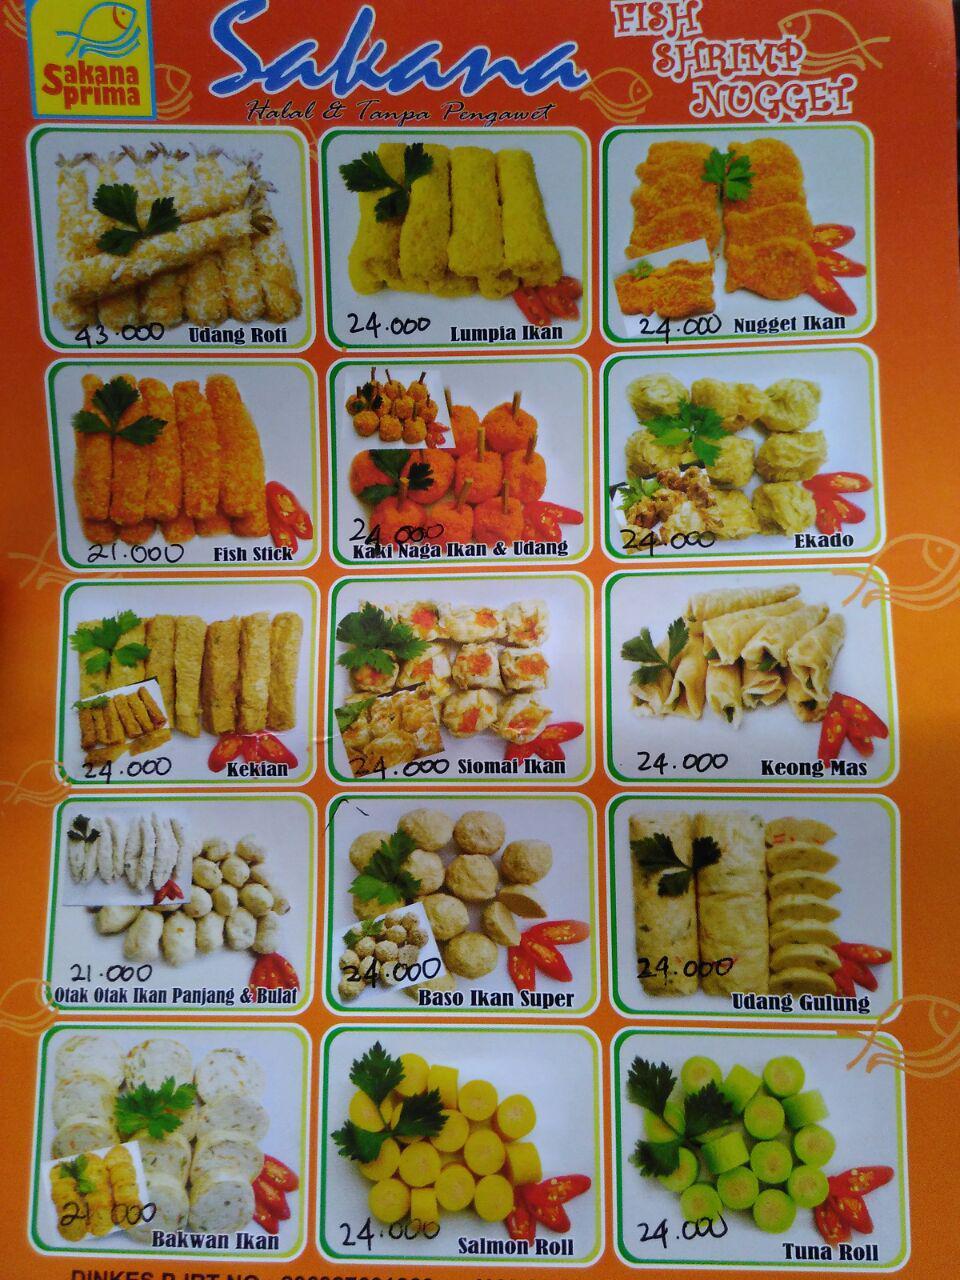 Sakana Food Enak dan Halal